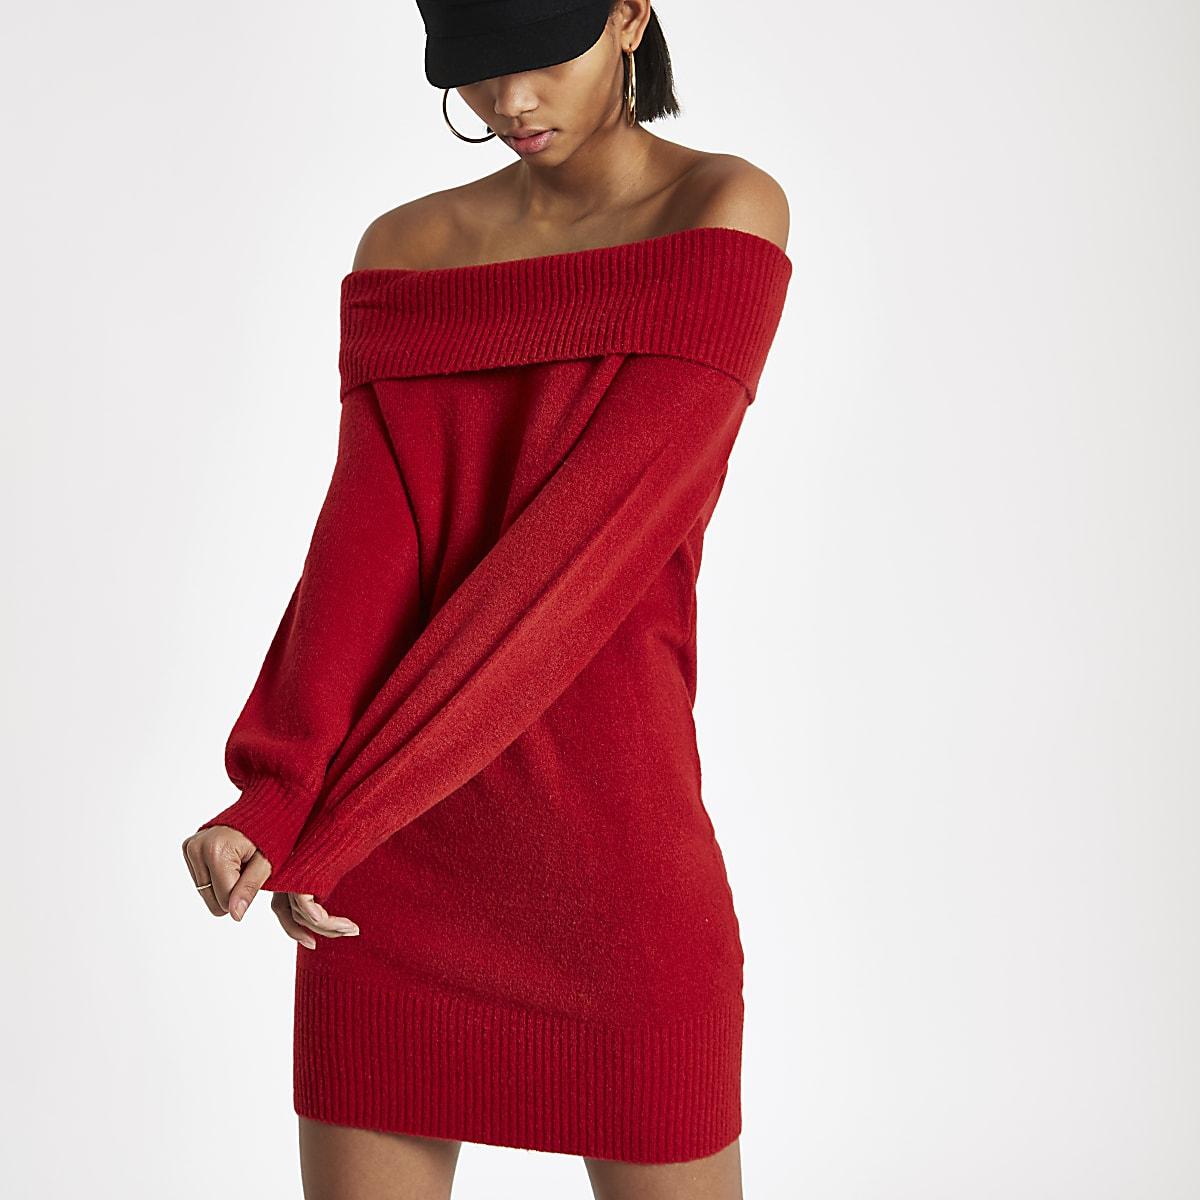 e854c800fc039e Rode trui-jurk met bardothals - Gebreide jurken - Knitwear - Dames